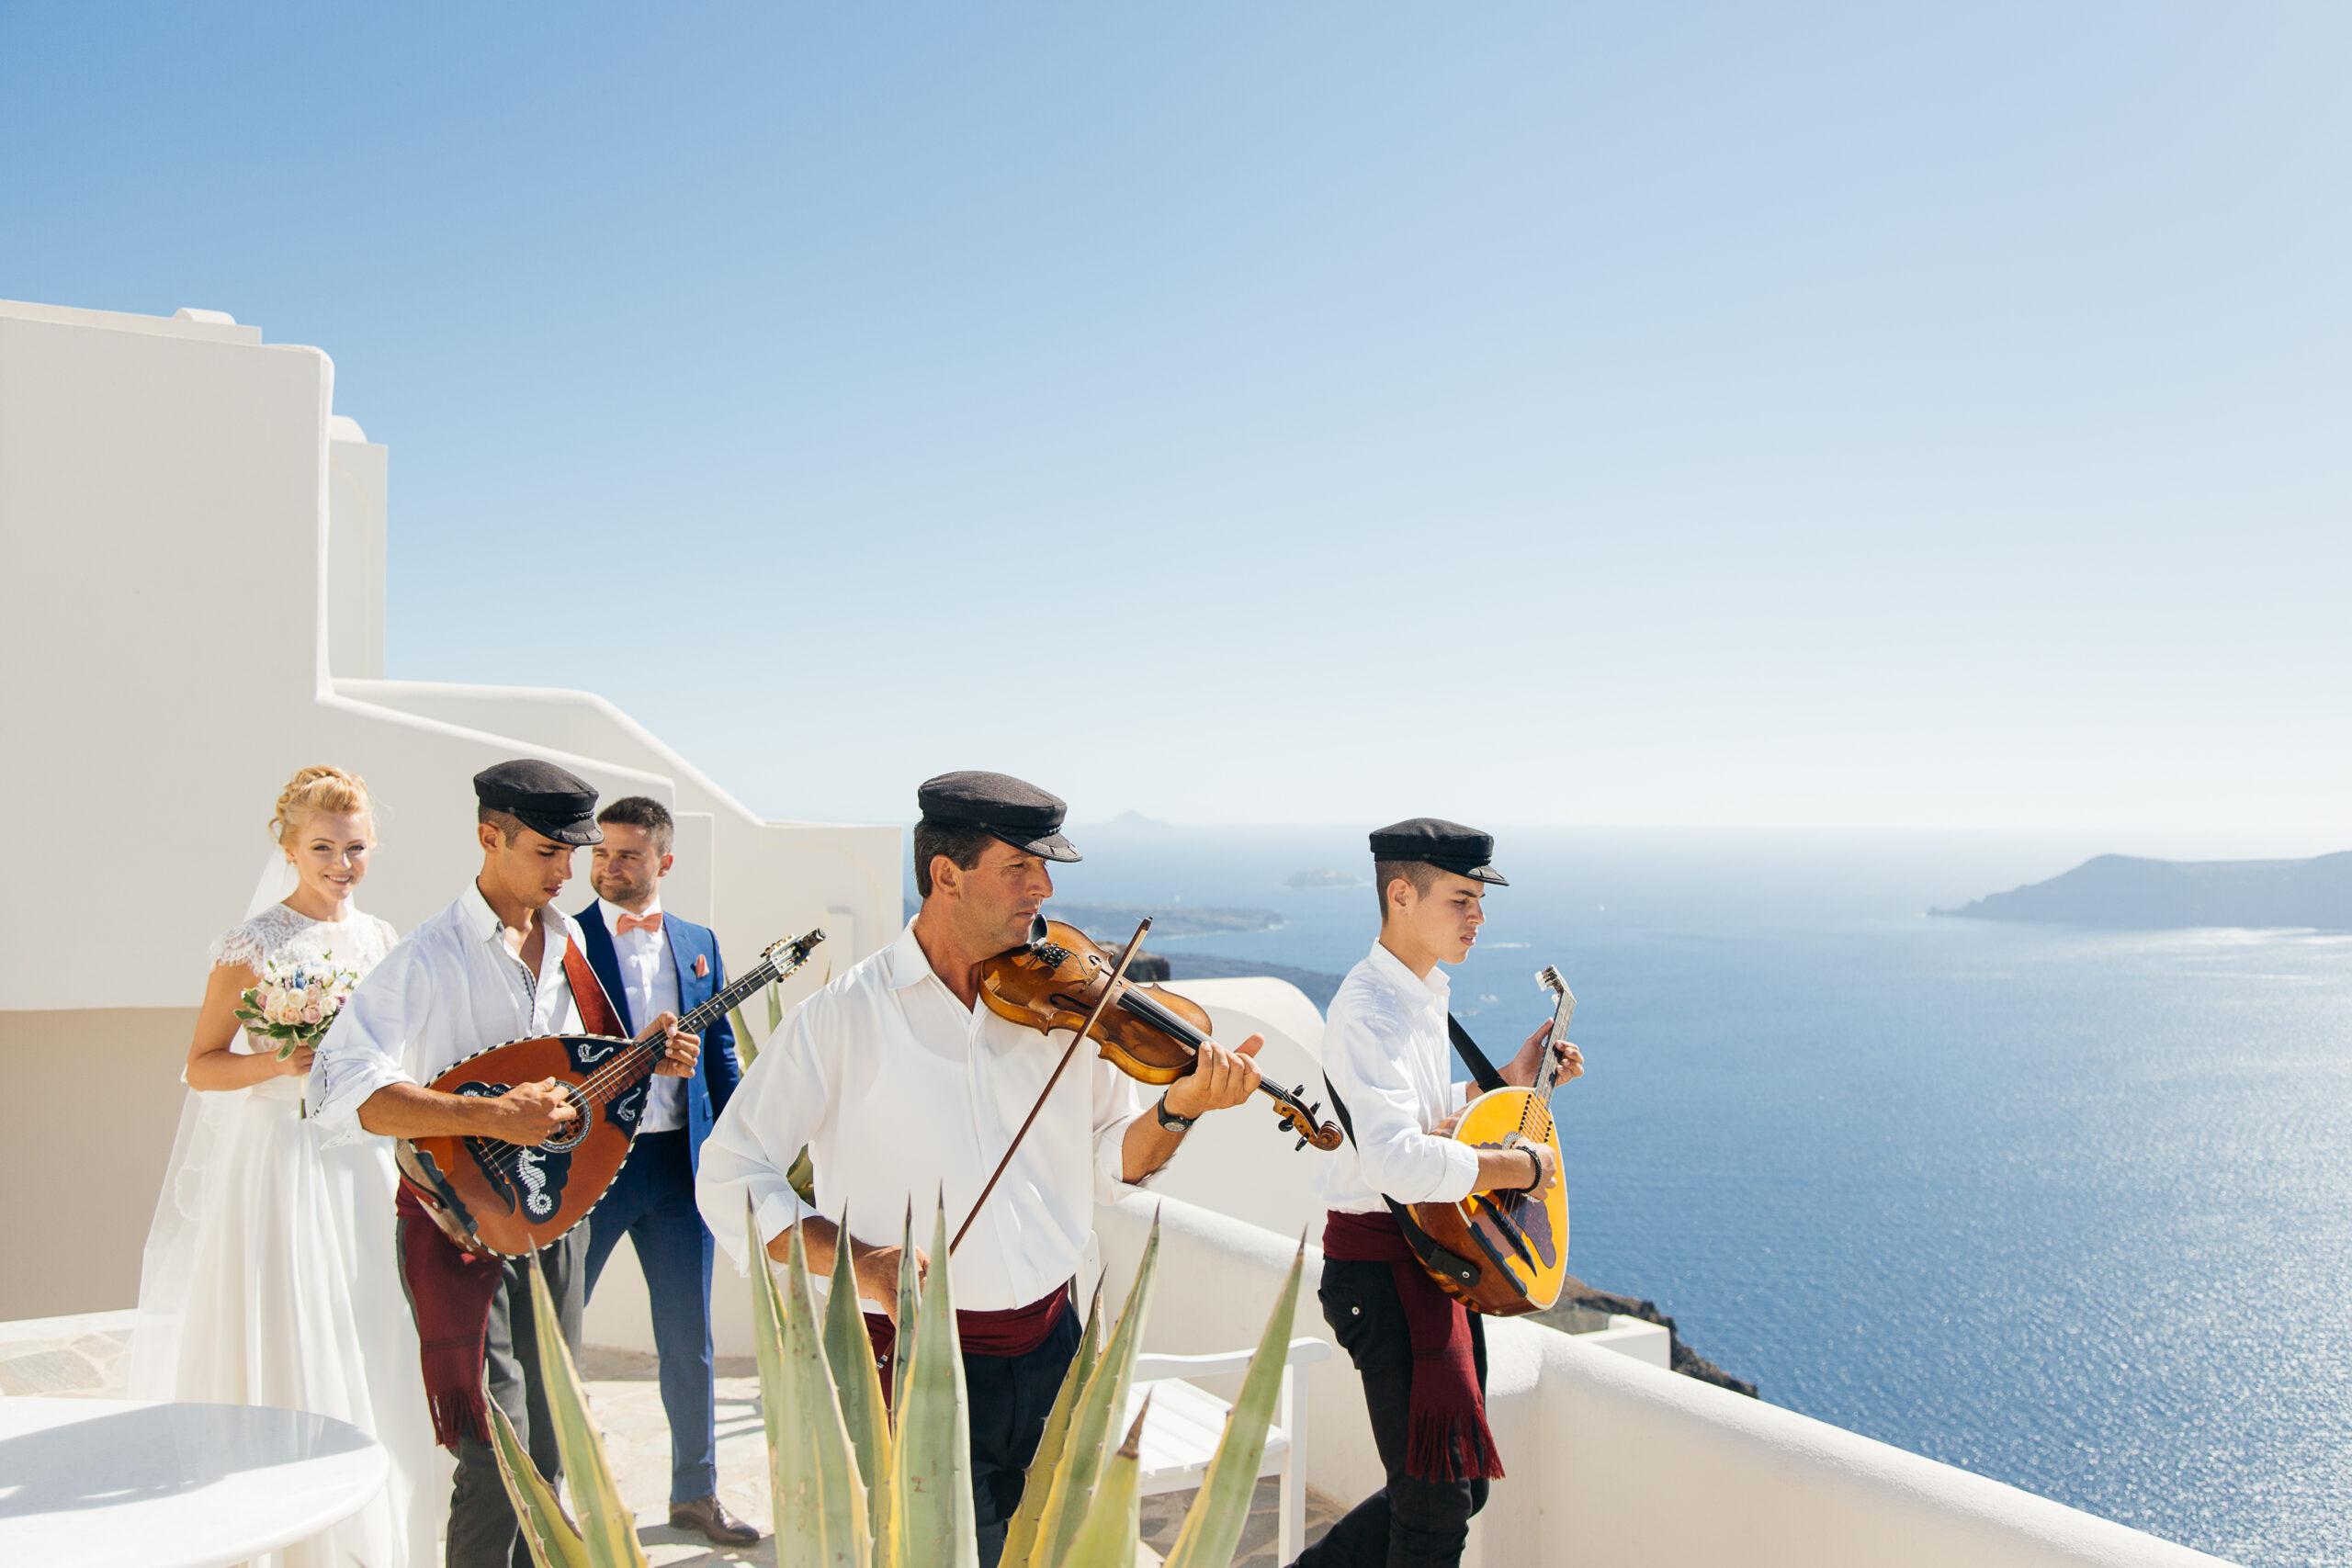 Музыкальное сопровождение: свадьба на санторини, свадебное агентство Julia Veselova - Фото 6